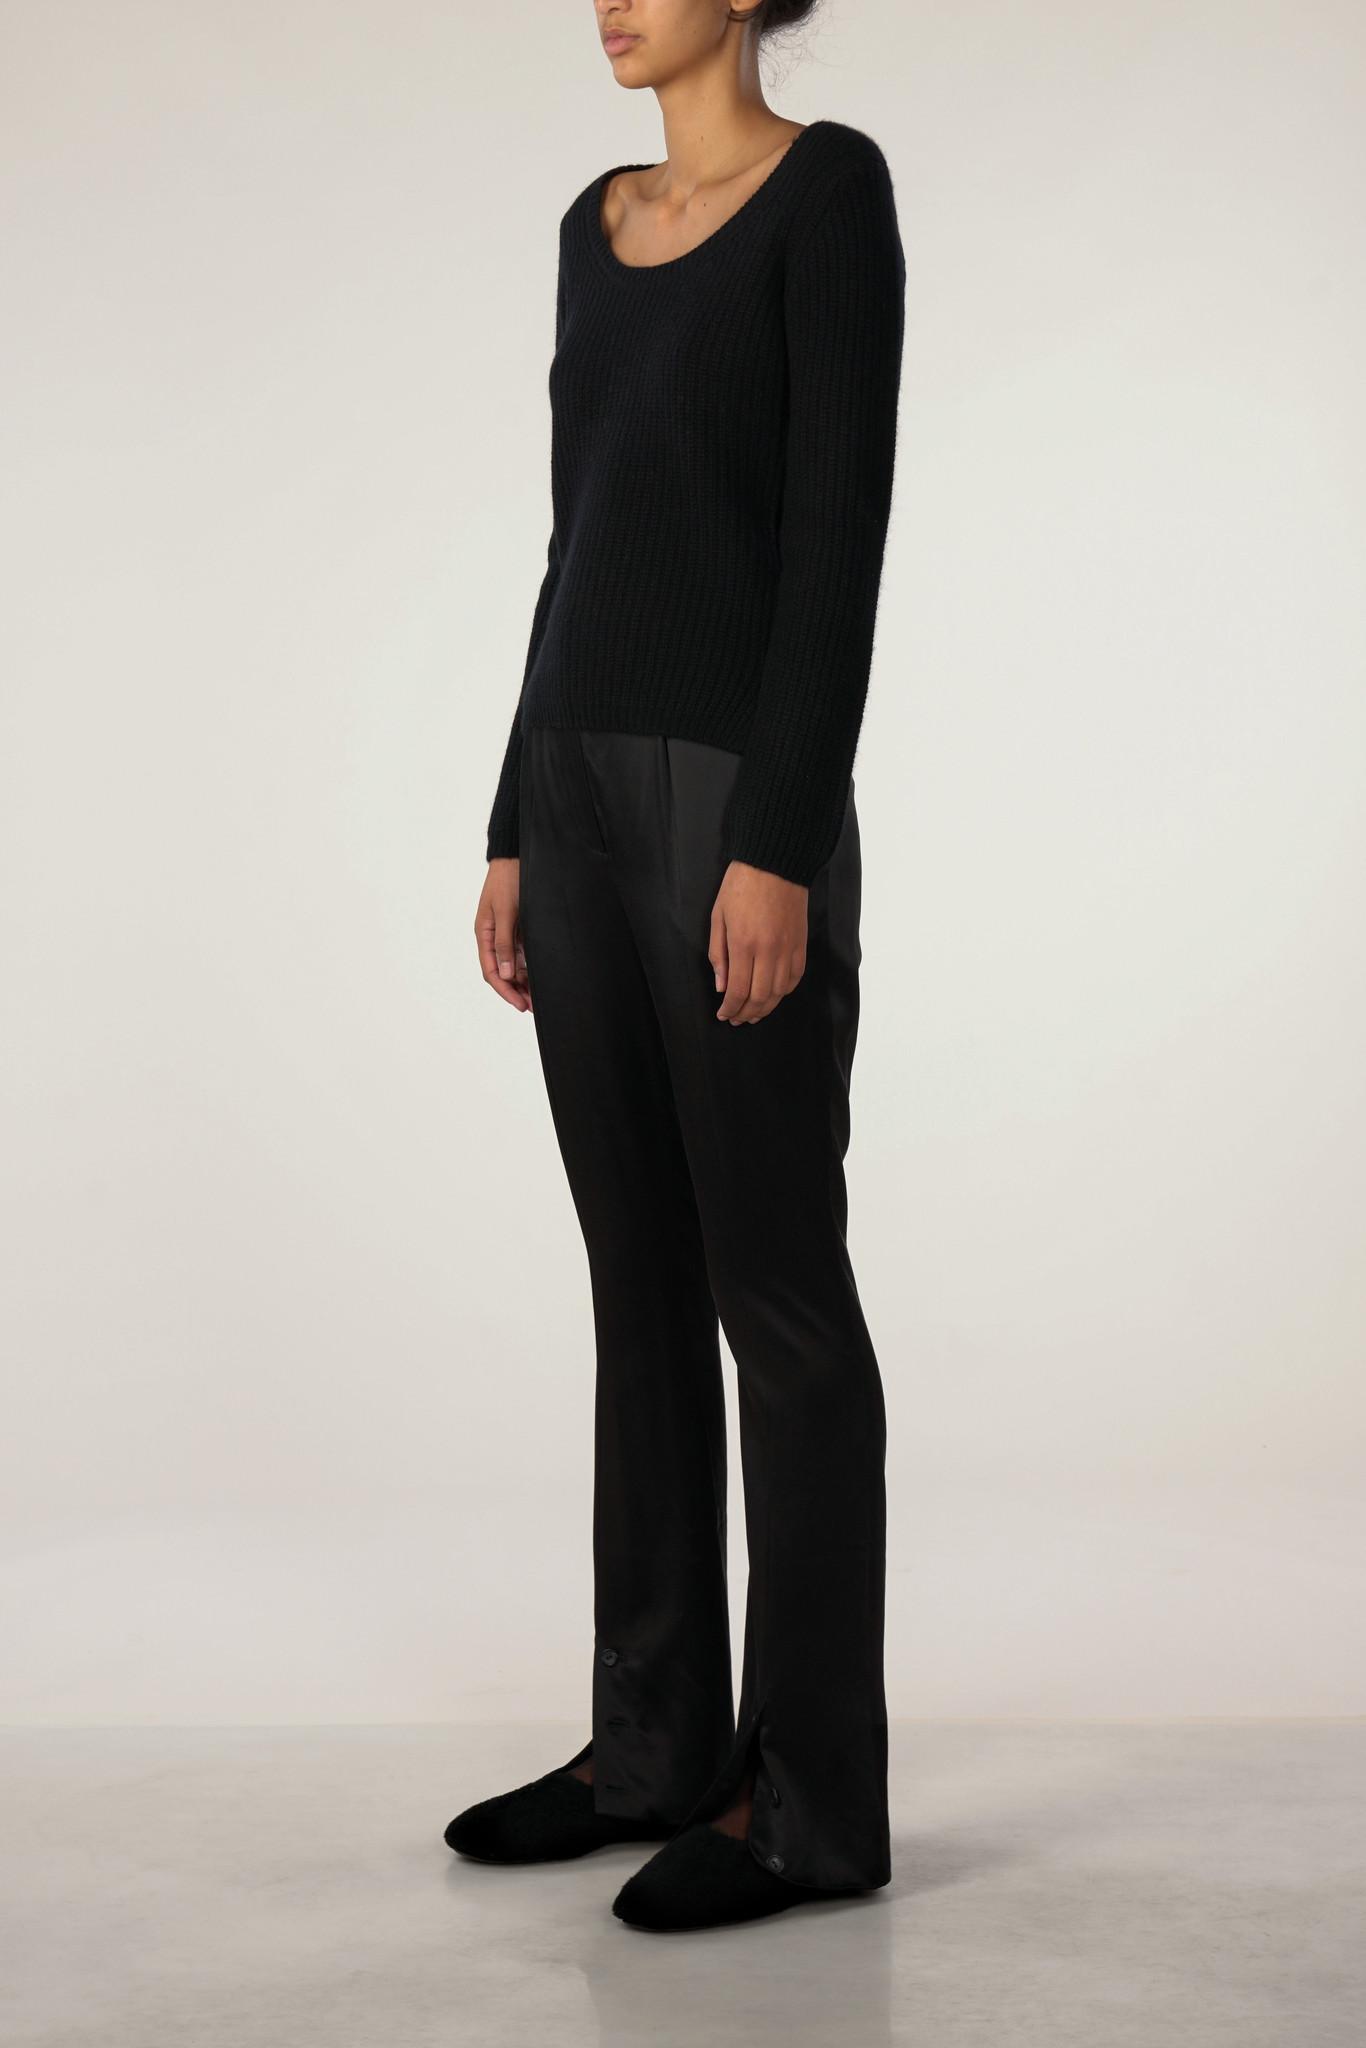 La  Collection Bettina Knit